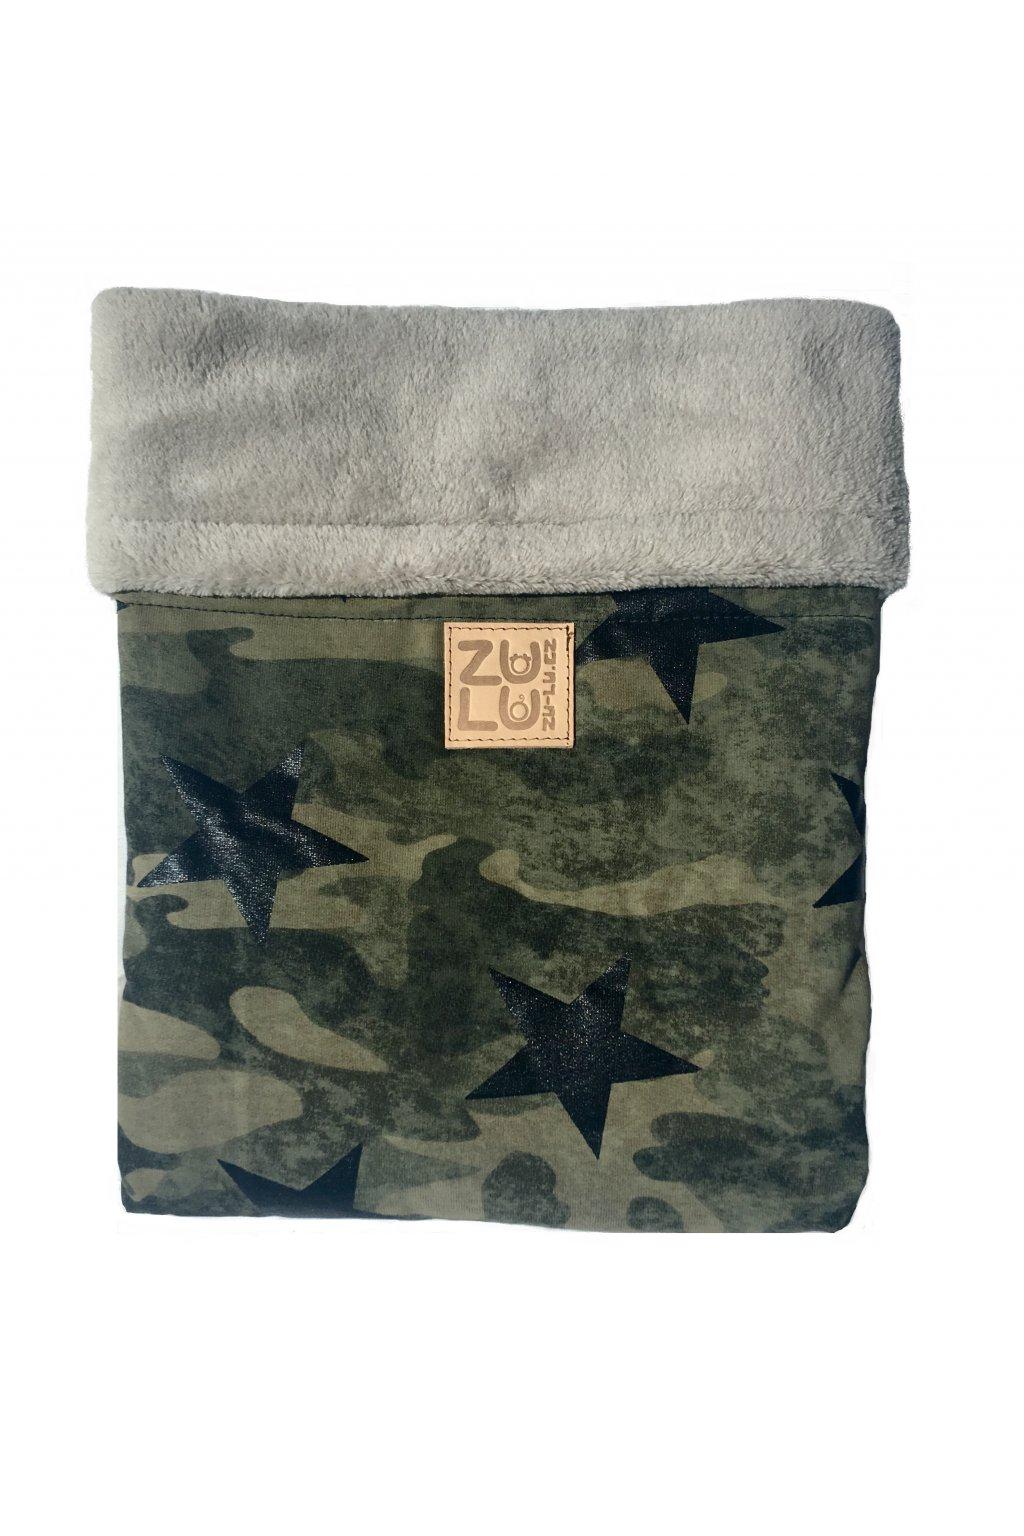 zu lu deka army